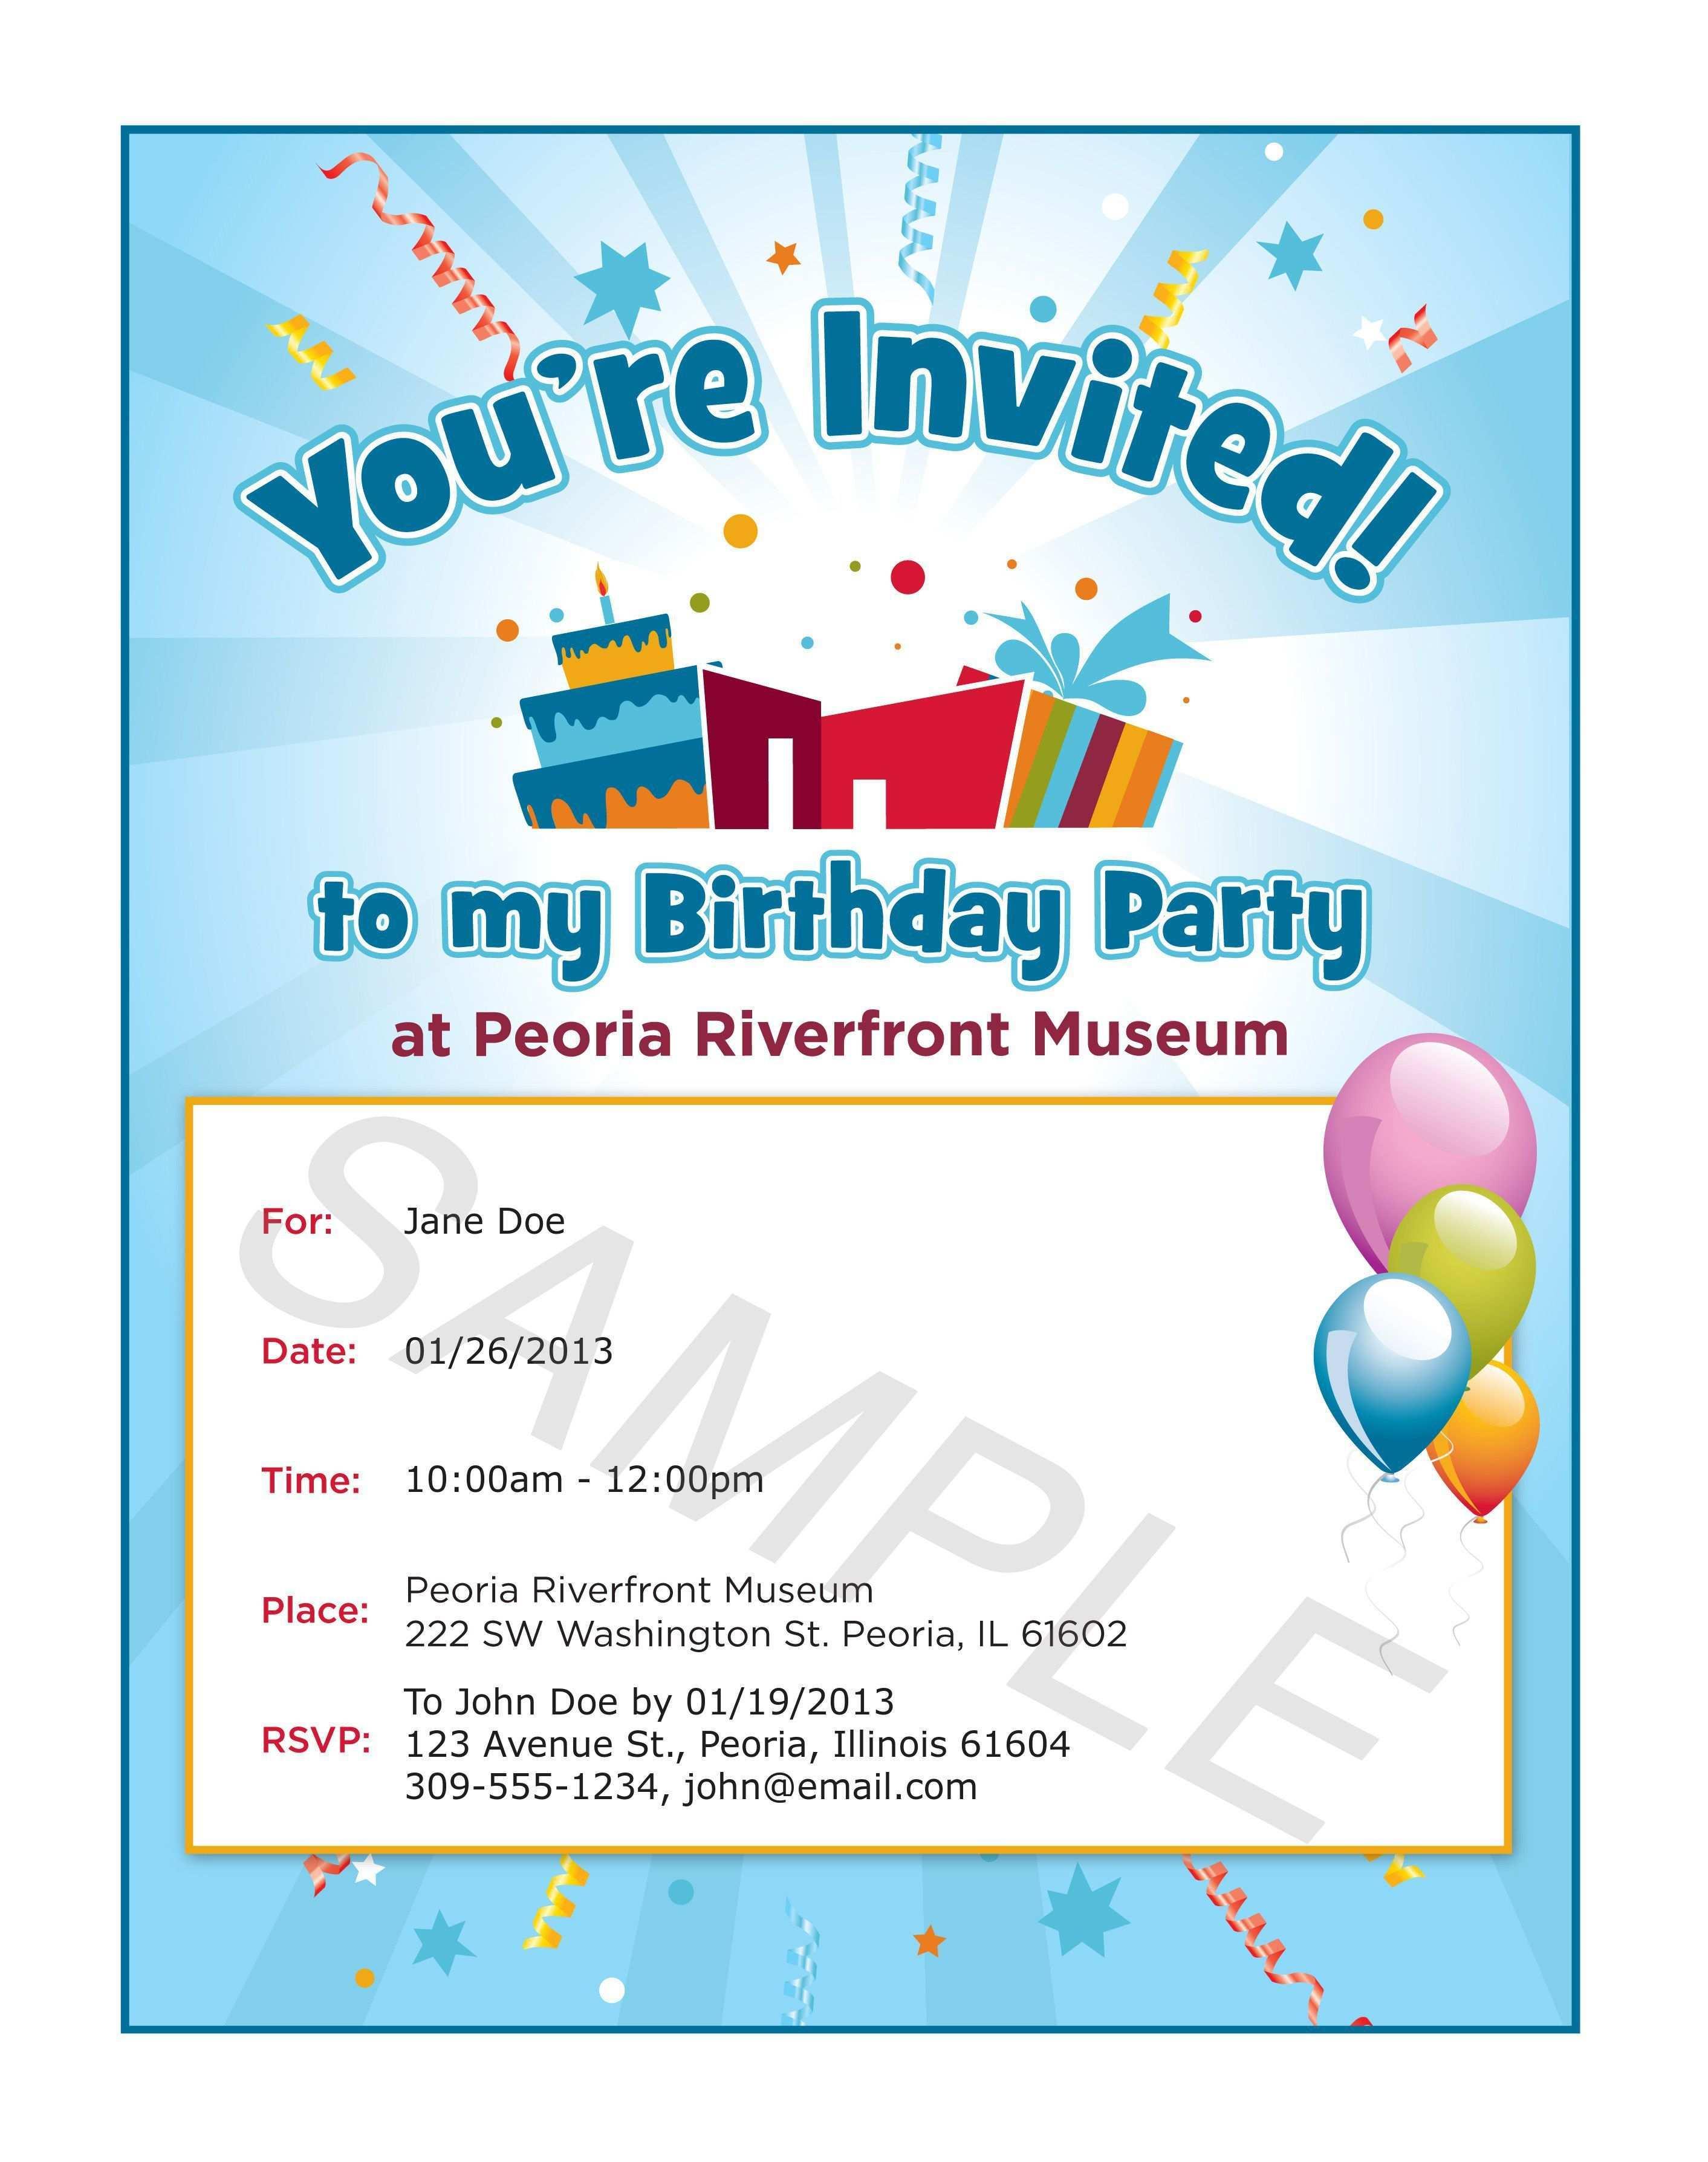 Einladungen Geburtstag Vorlagen Kostenlos Downloaden Einladung Klassentreffen Geburtstagseinladungen Zum Ausdrucken Einladung Geburtstag